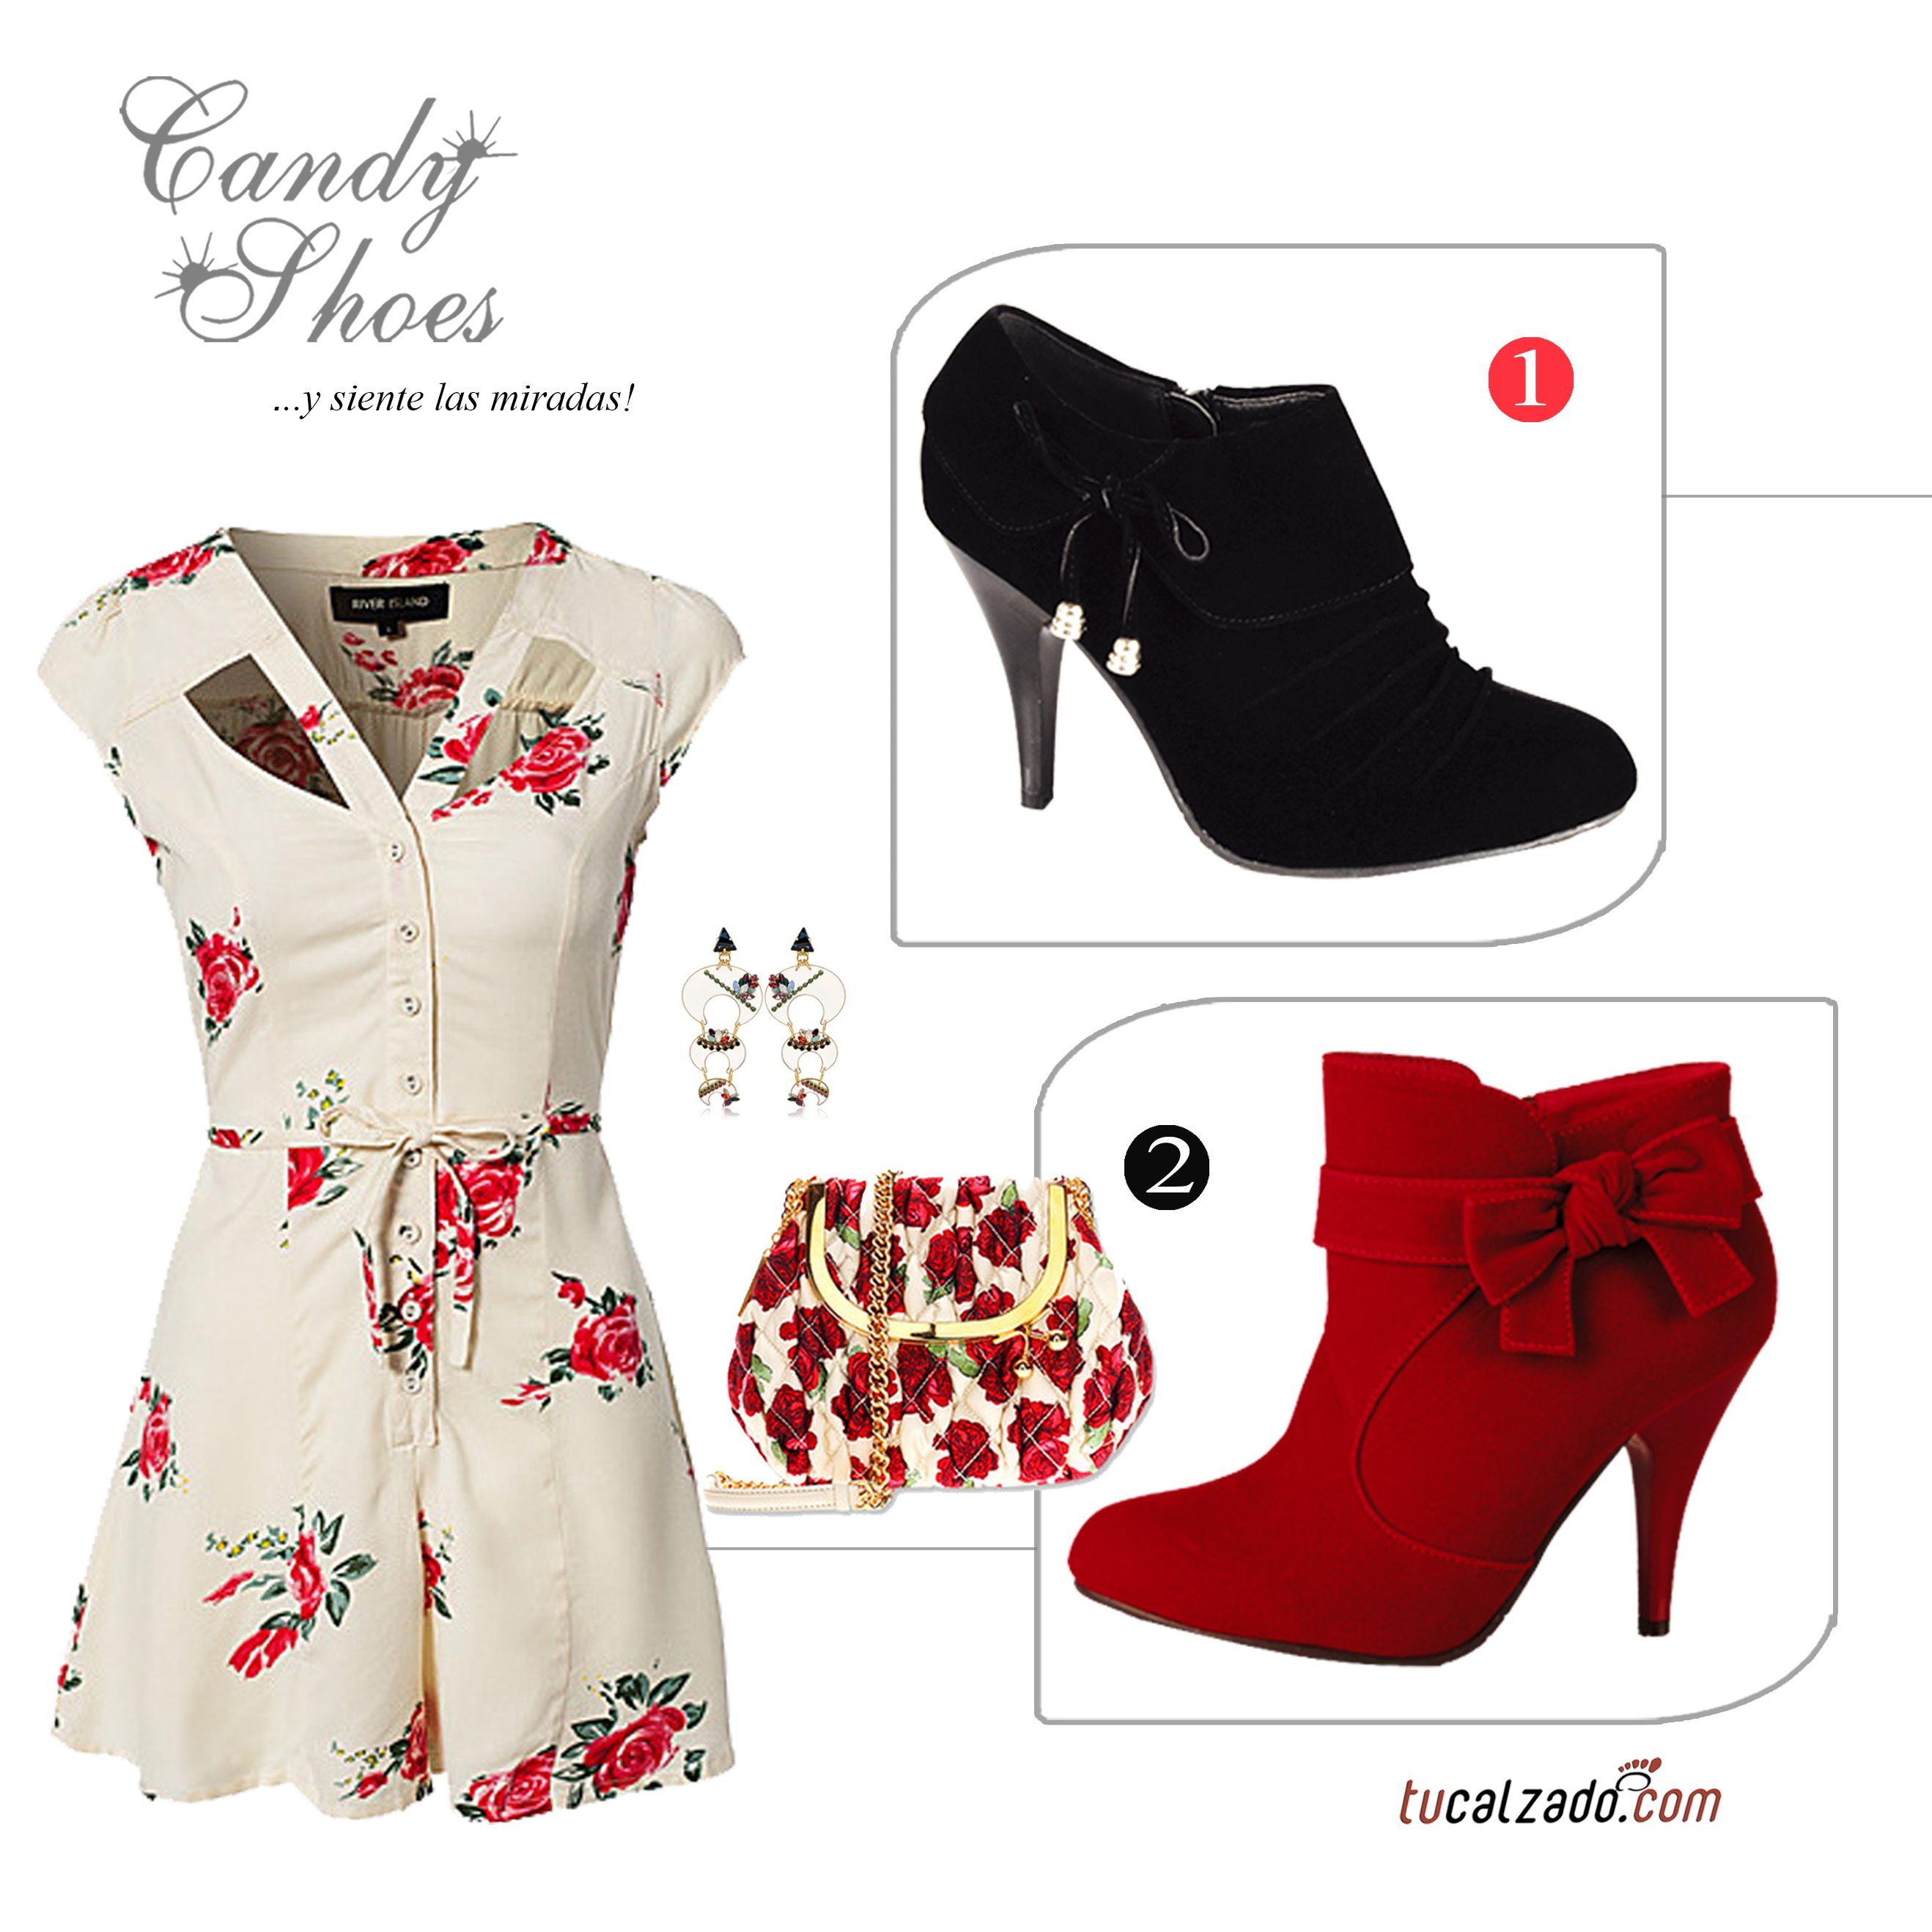 ¡Botines de ensueño!  www.tucalzado.com #Botines #Zapatos #Rojos #Negros #Moda #Tendencias